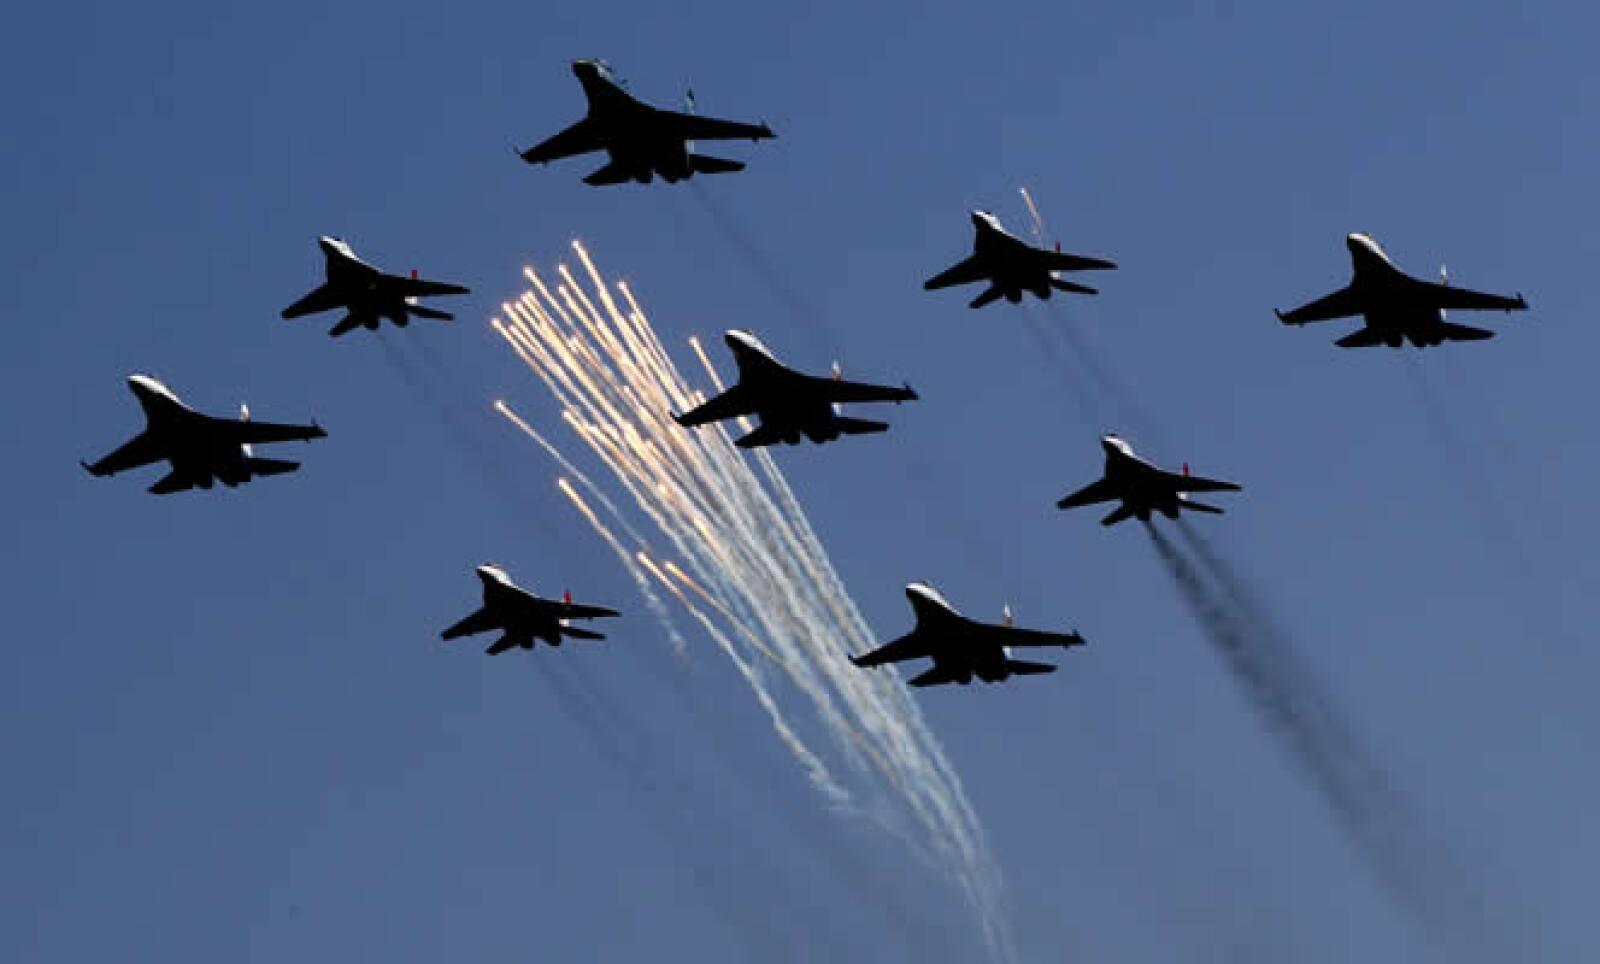 La industria de aviación rusa bajó durante los duros tiempos que siguieron al desmantelamiento de la Unión Soviética en 1991.